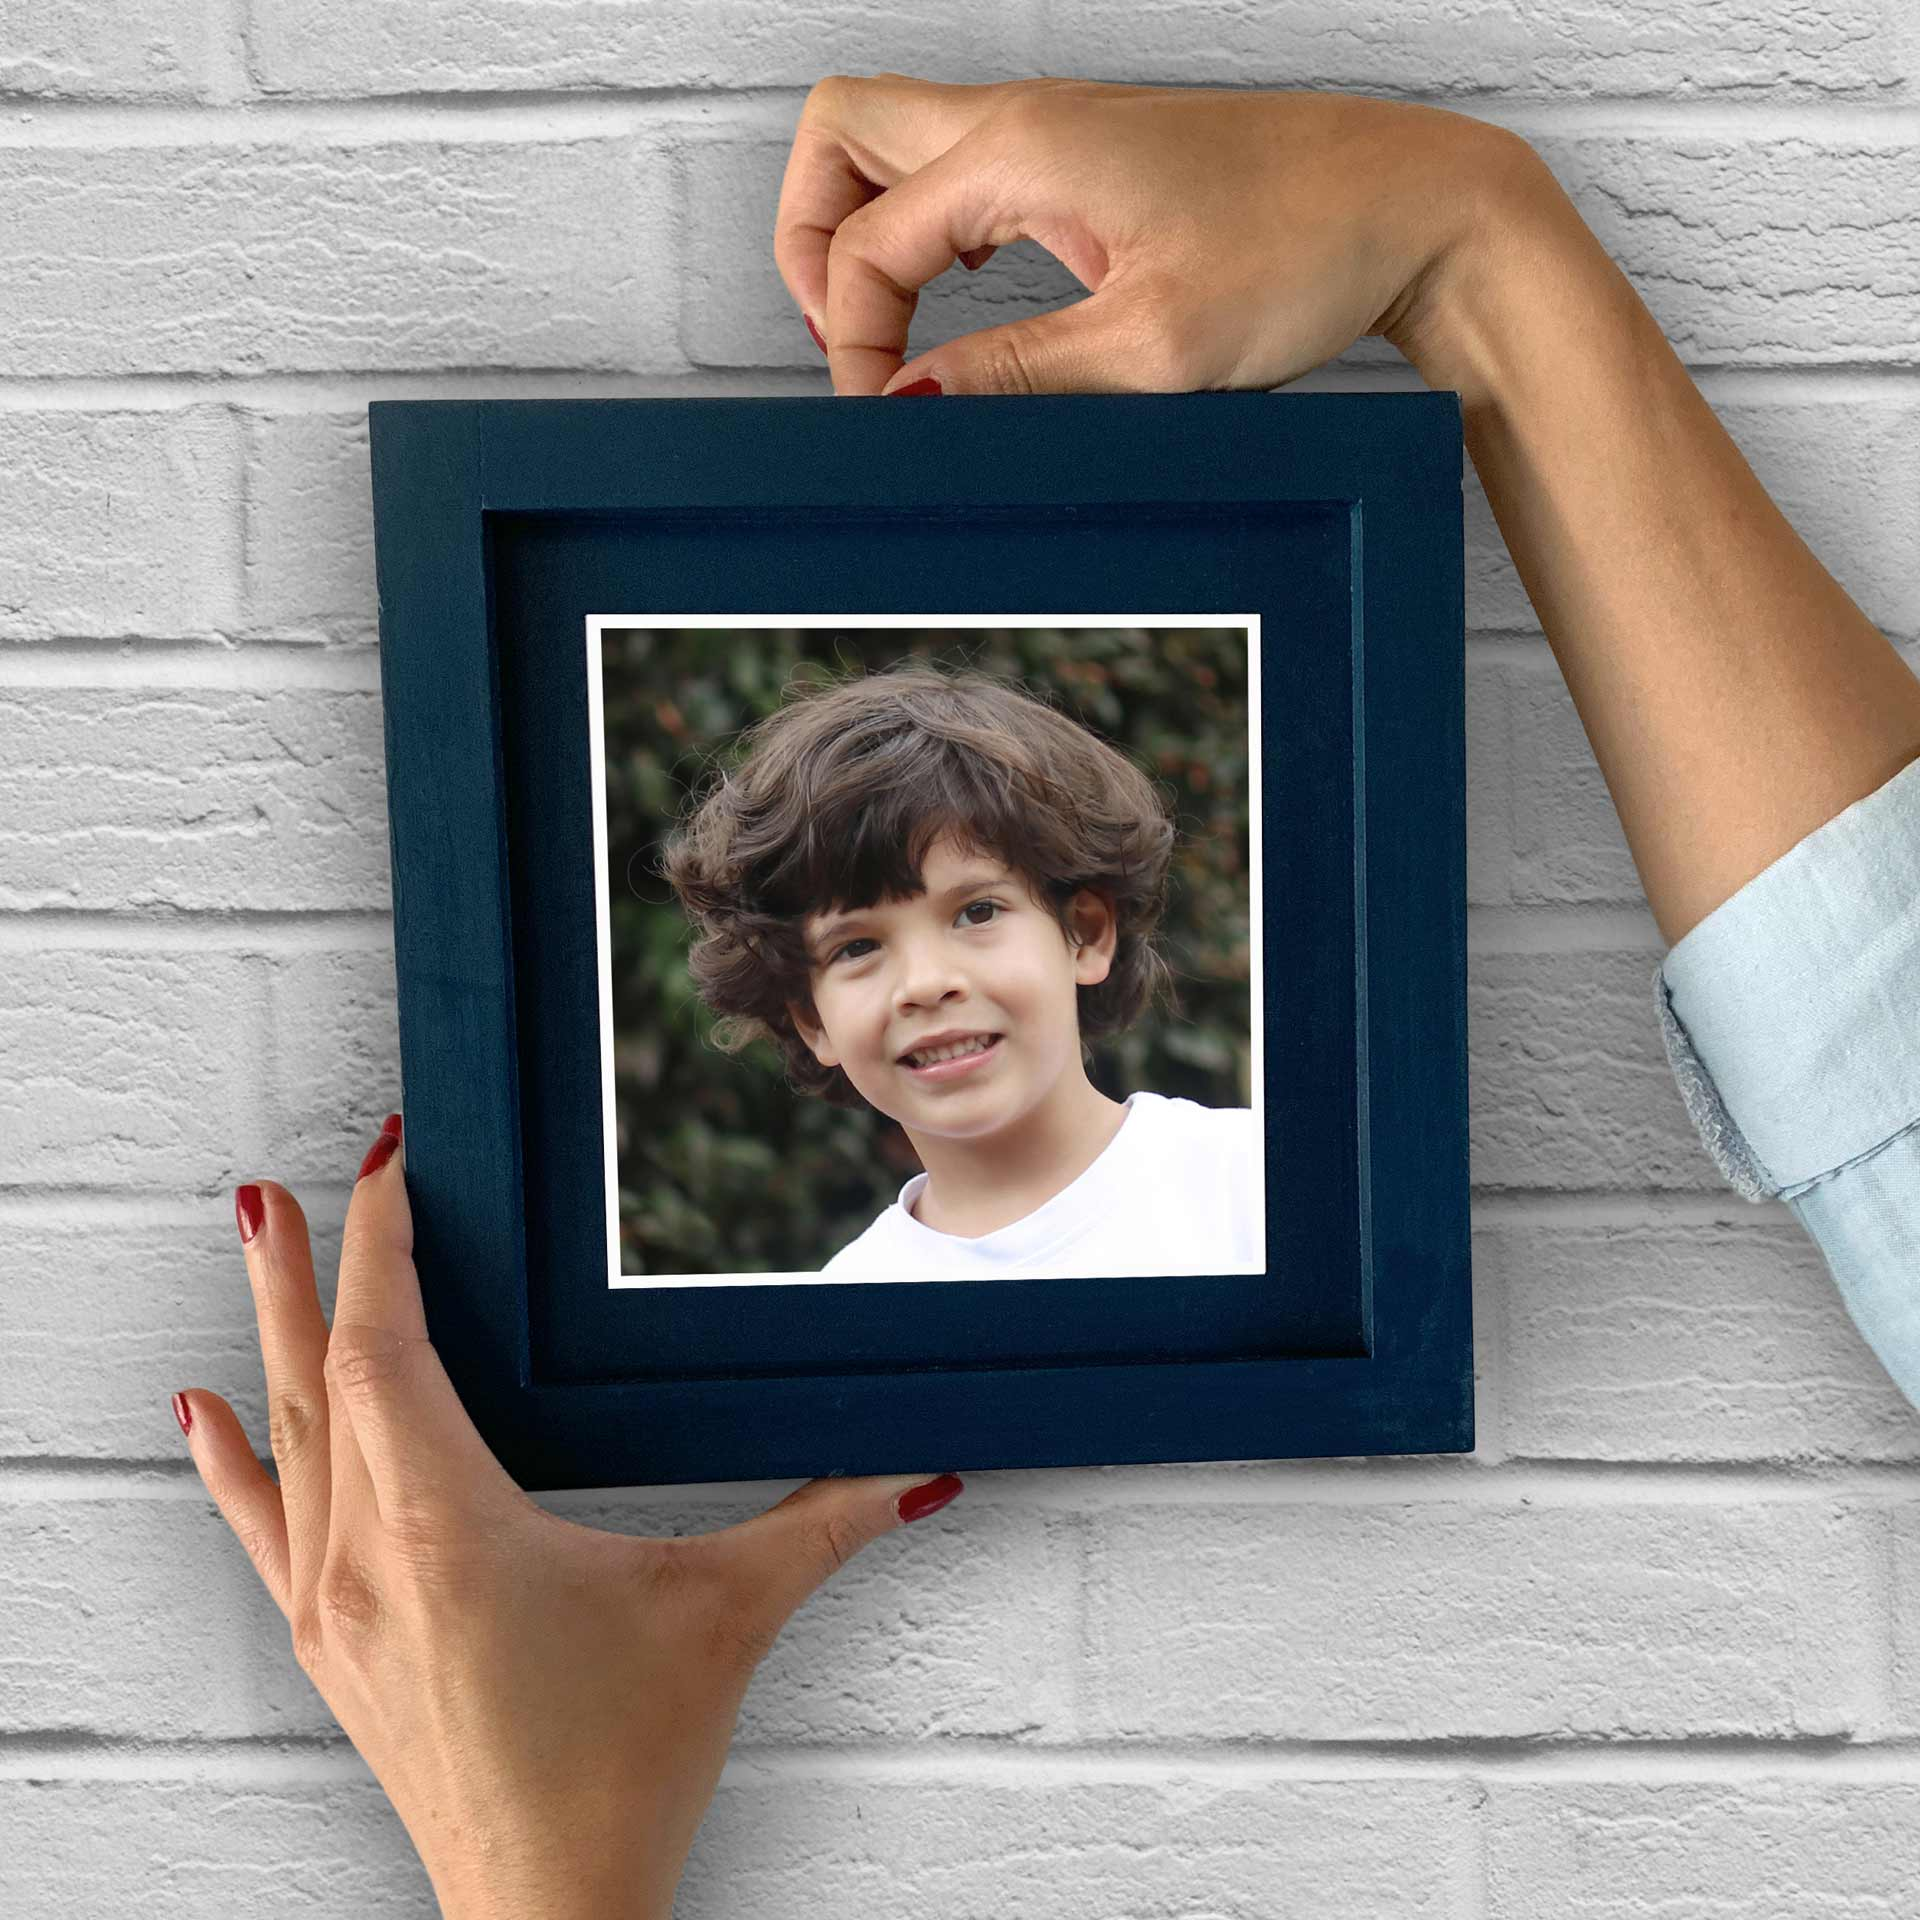 cuadro de color azul que posee la foto de un niño, este cuadro se apoya sobre una pared de ladrillo de color blanco.